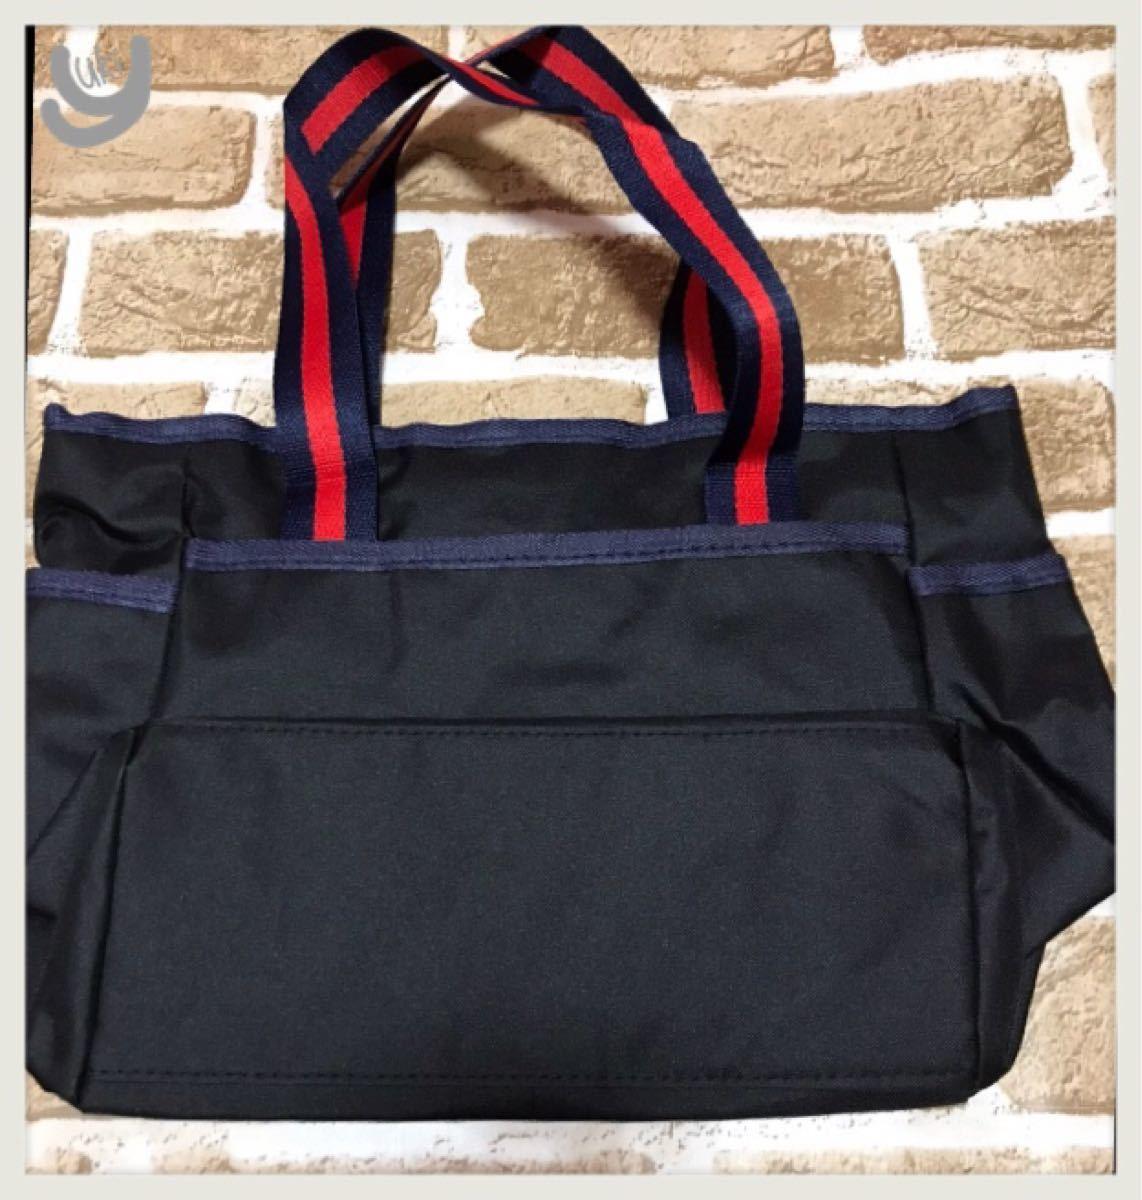 トートバッグ ブラック 黒 ミニトート ランチバッグ ゴルフ ラウンドバッグ